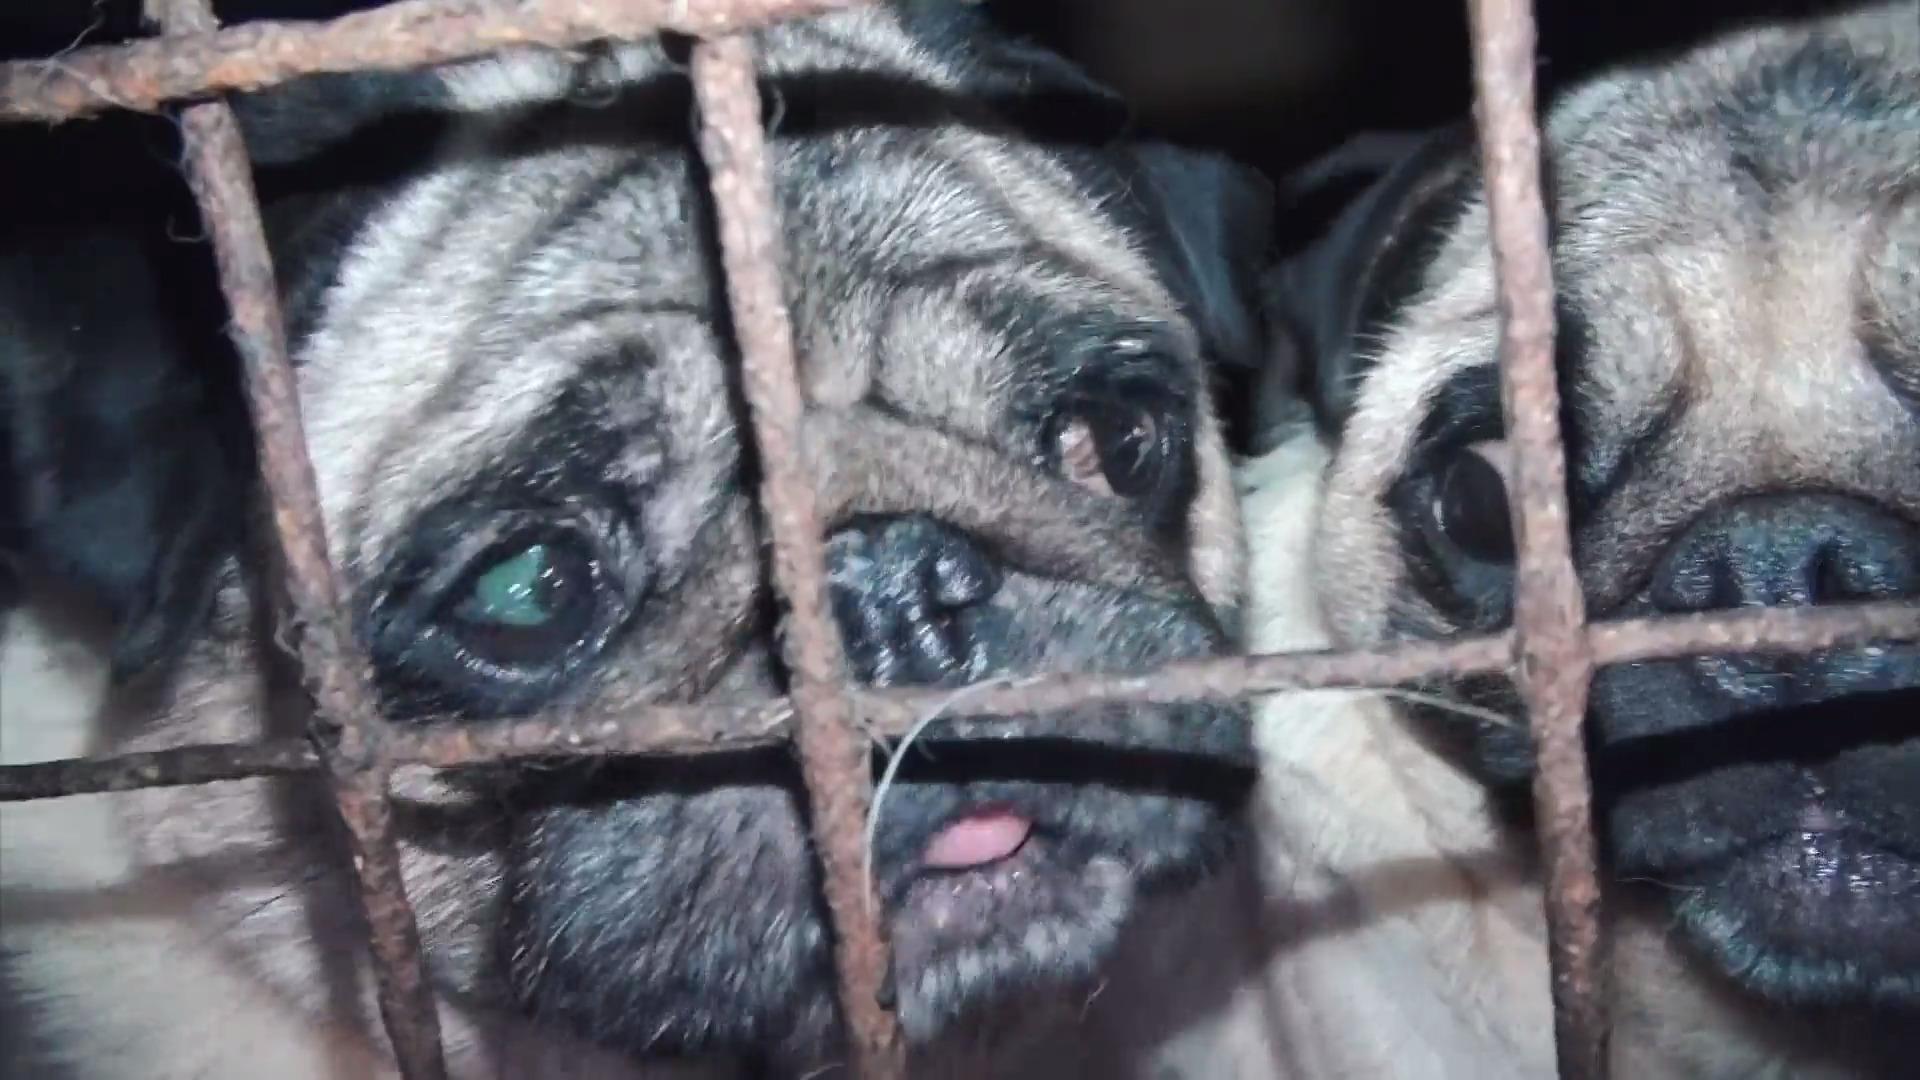 Obzor: Otřesné záběry z velkochovů. Česko je množírnou psů pro Evropu, trpí i jiná zvířata